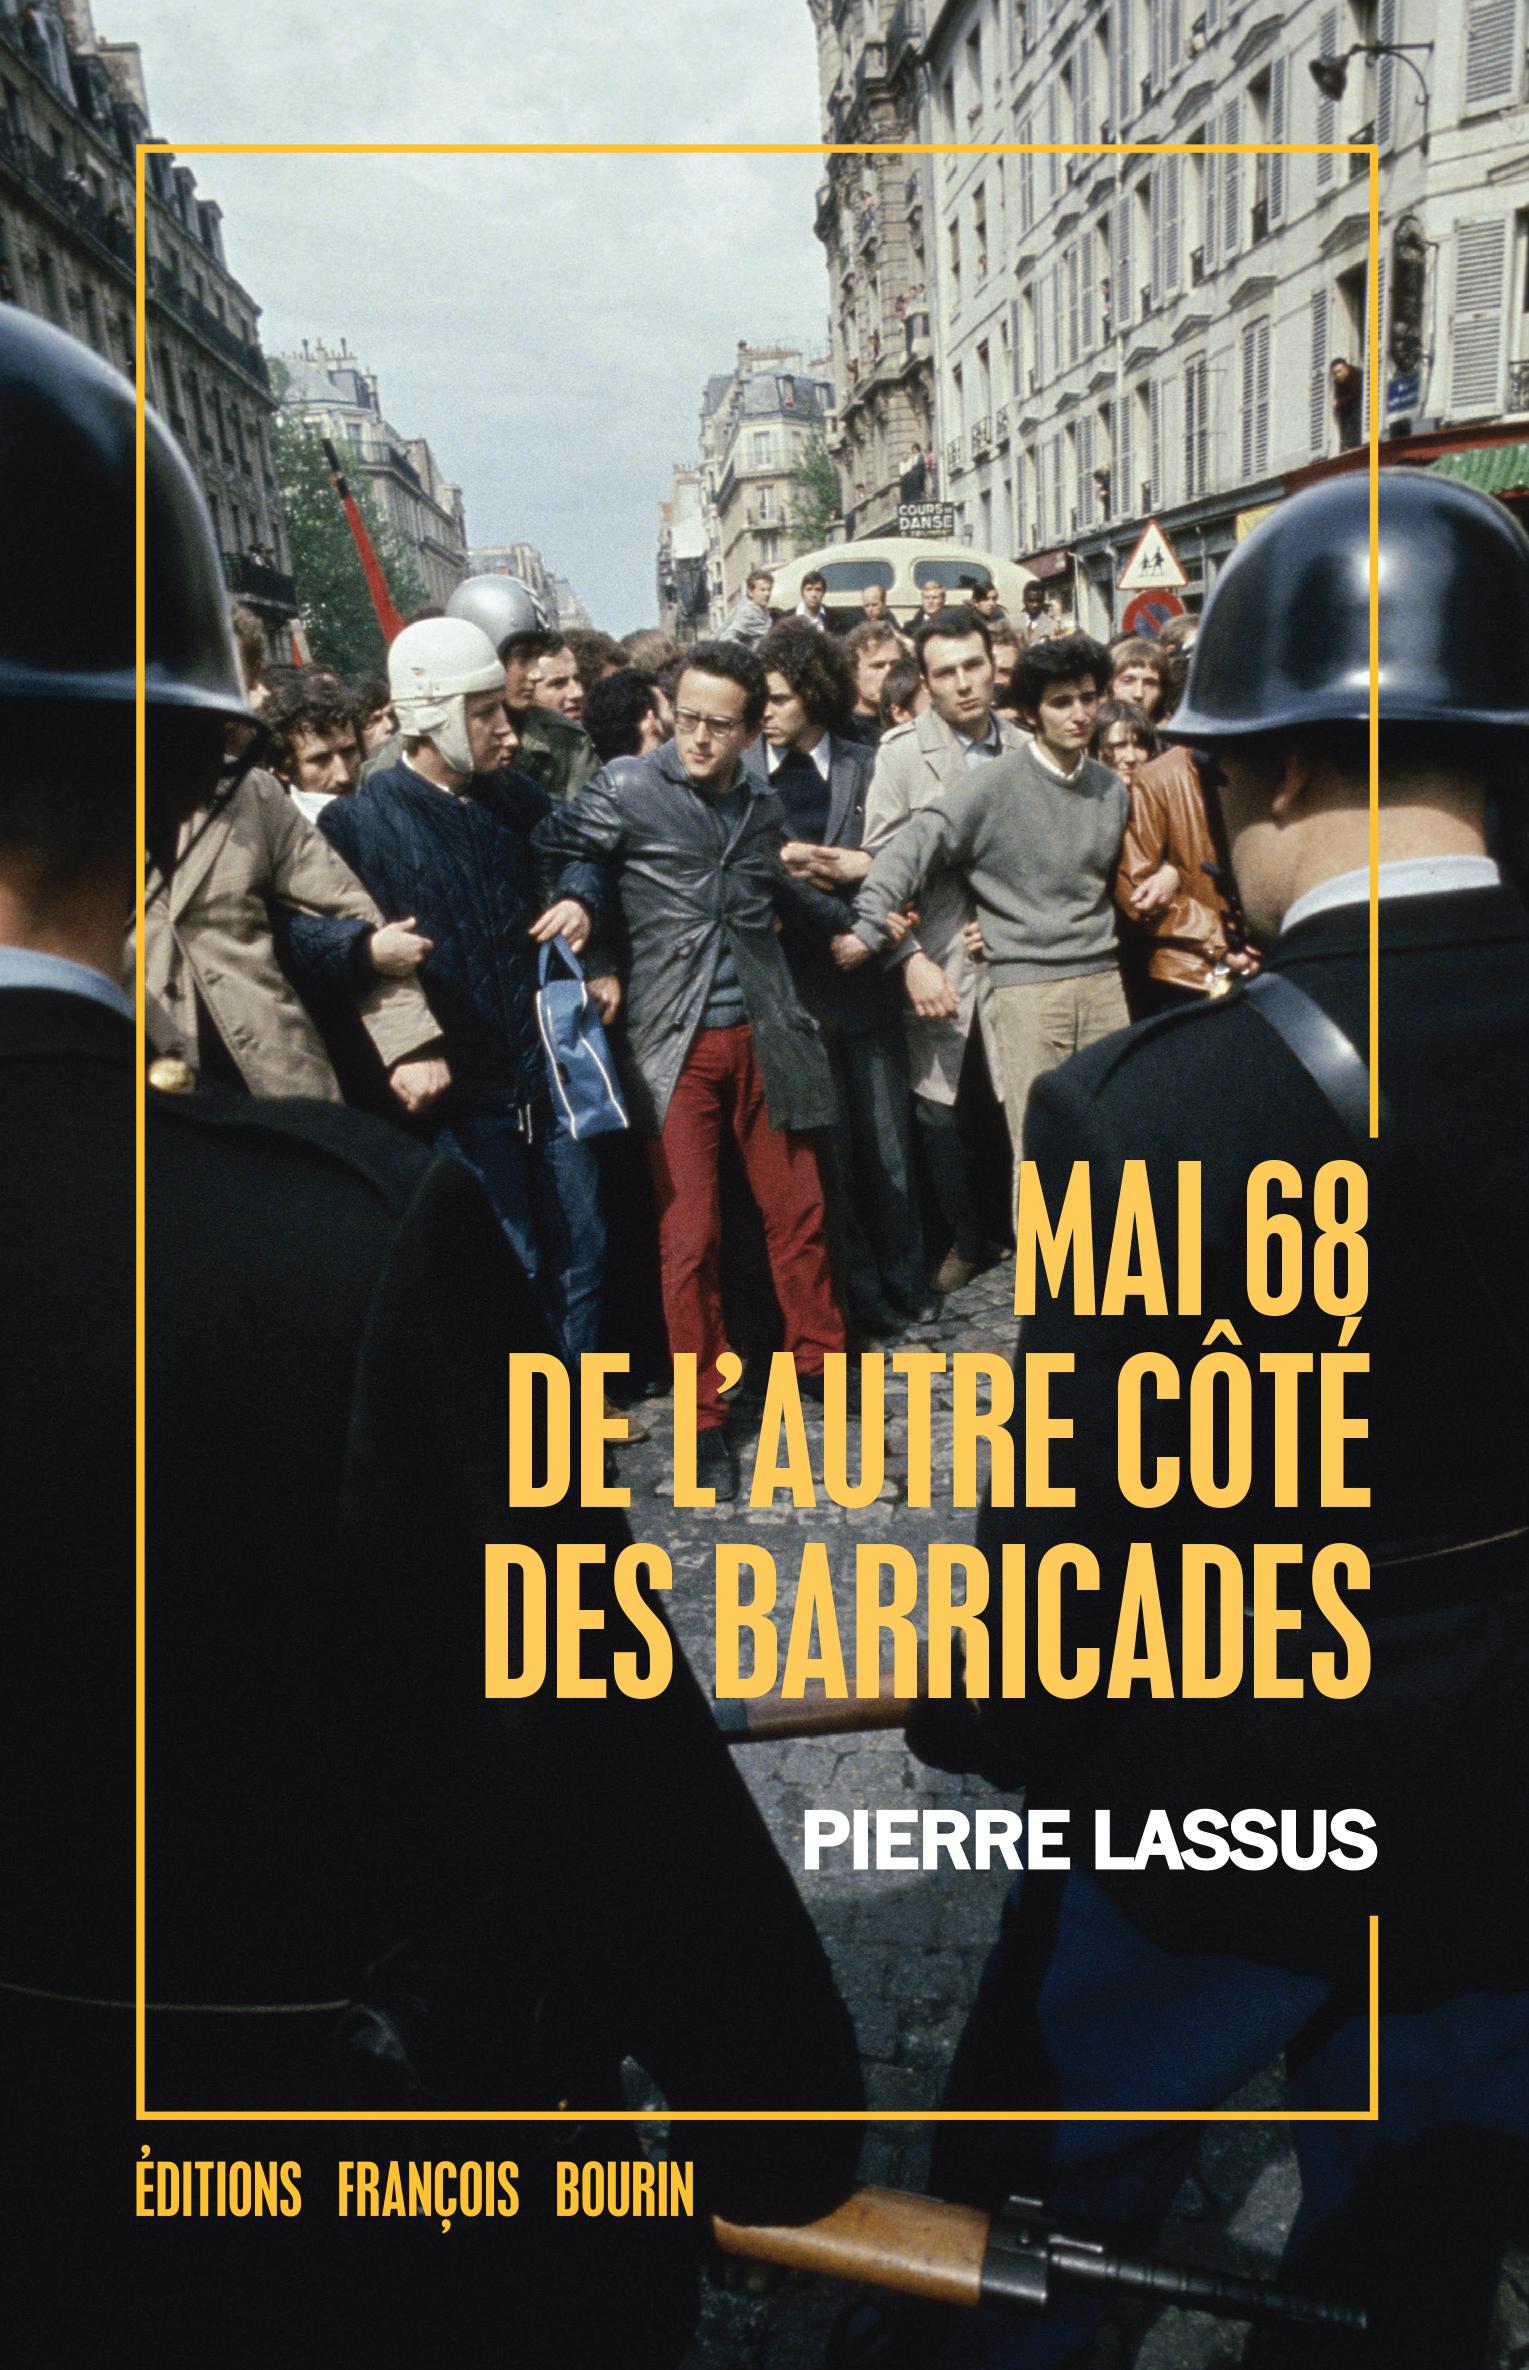 Mai 68 de l'autre côté des barricades